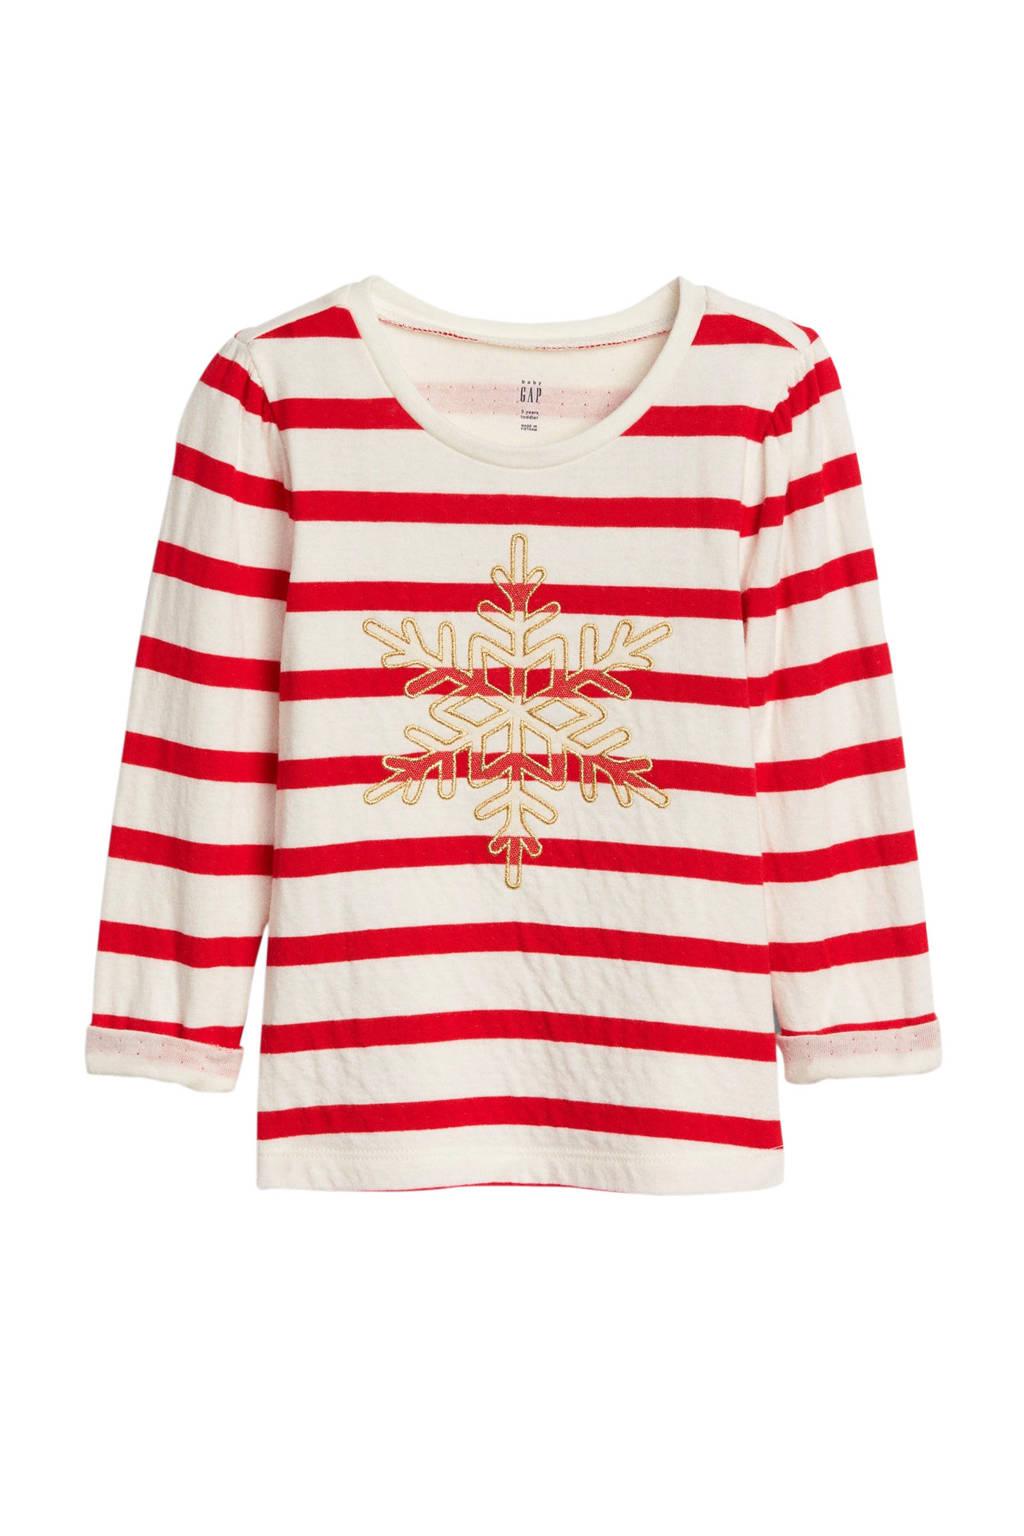 GAP gestreepte longsleeve met sneeuwvlok rood/offwhite, Rood/offwhite